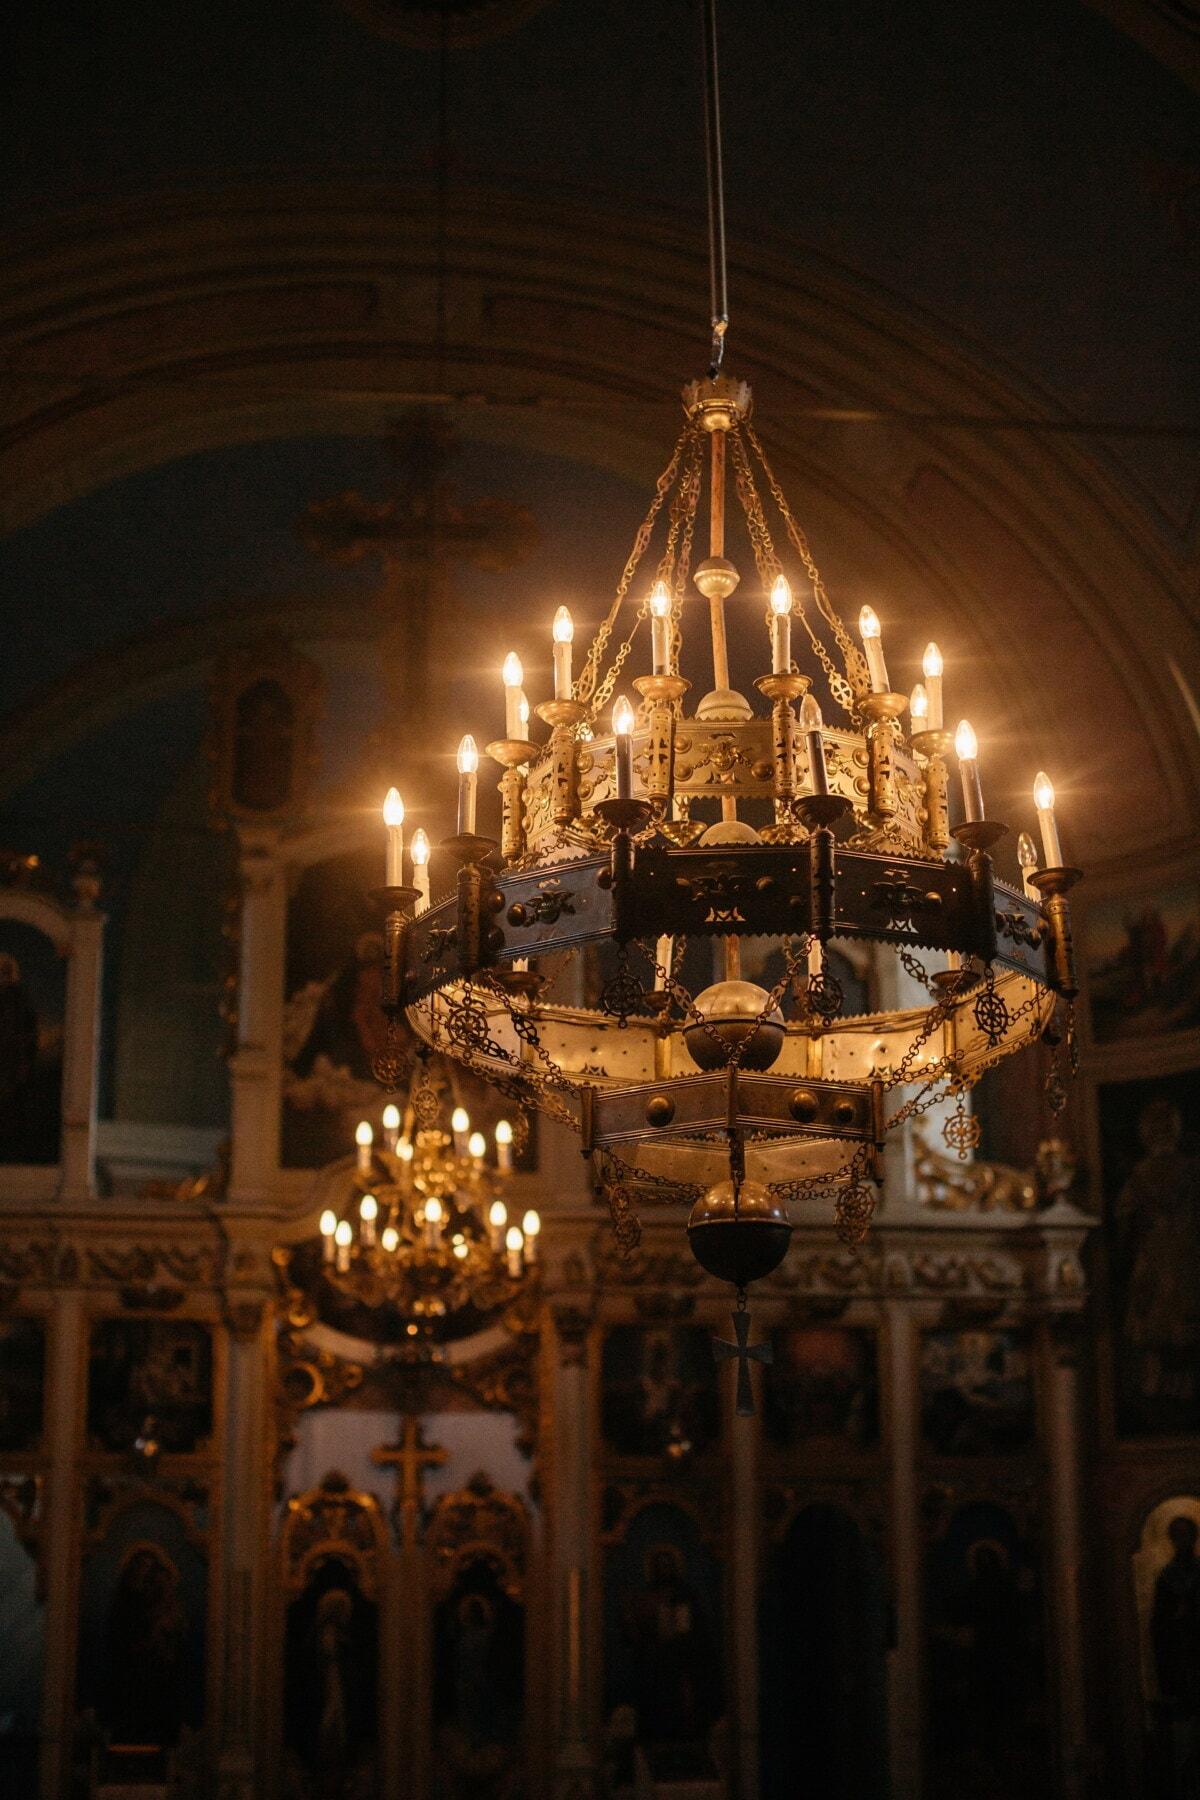 внутри, Люстры, церковь, фары, свет лампы, алтарь, кафедральный собор, структура, религия, архитектура